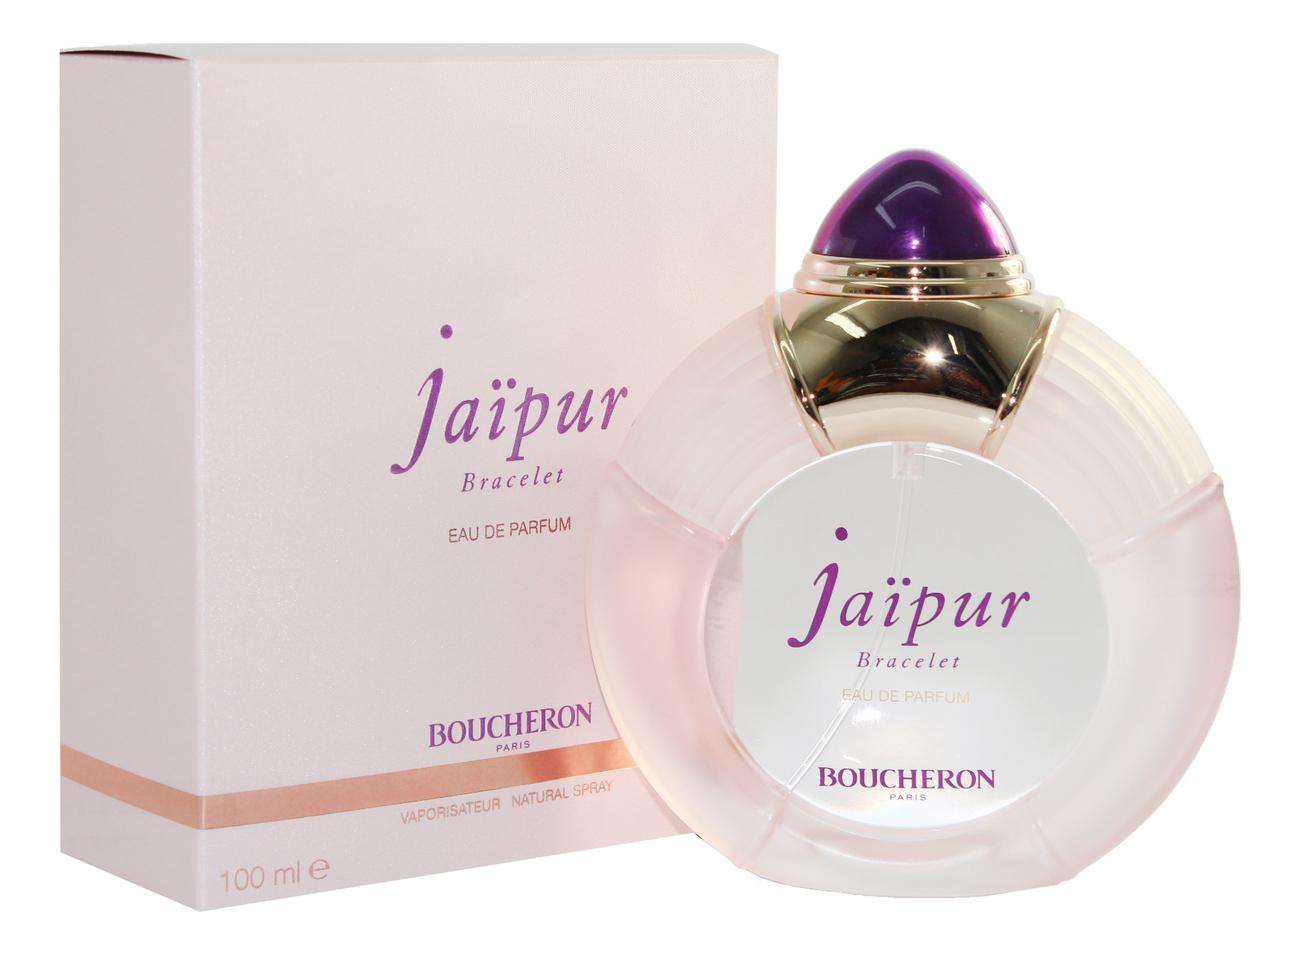 Boucheron Jaipur Bracelet EDT